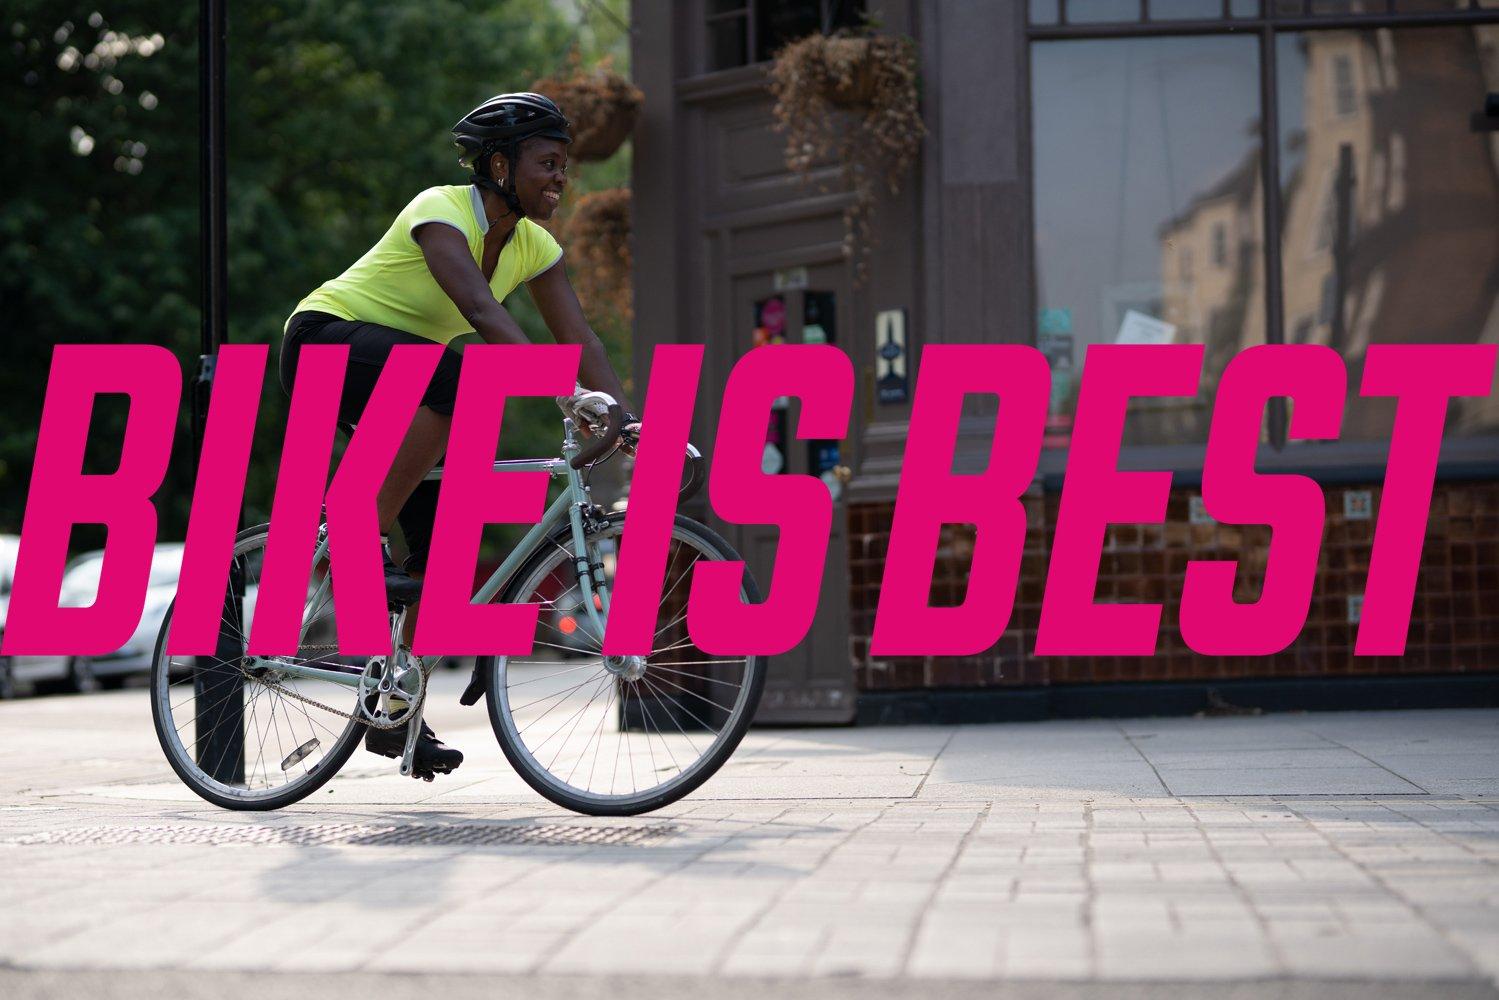 #BikeIsBest